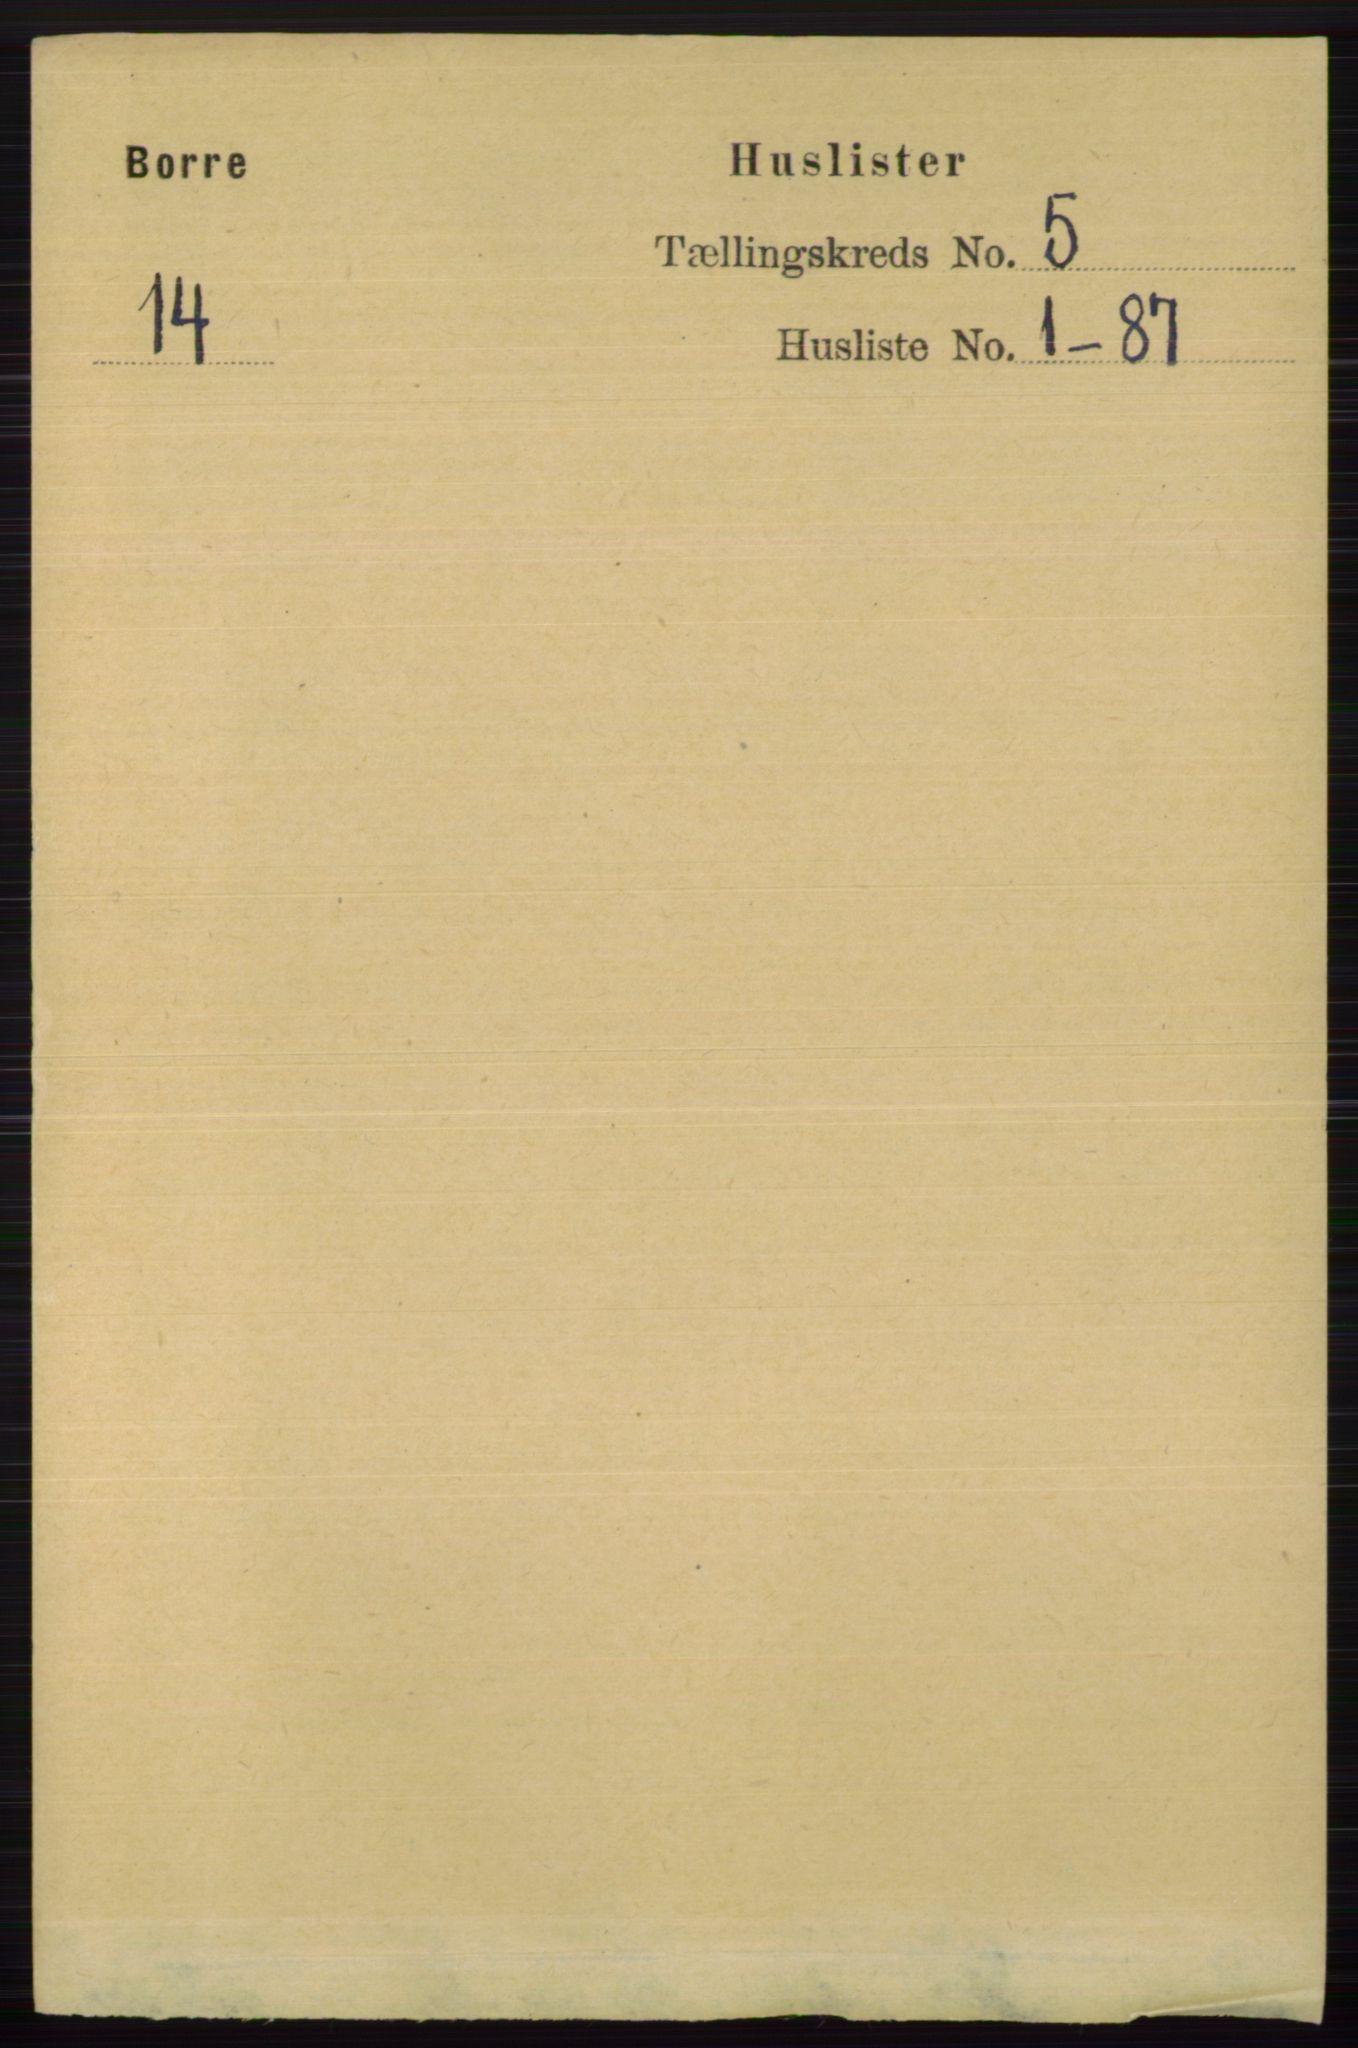 RA, Folketelling 1891 for 0717 Borre herred, 1891, s. 1922